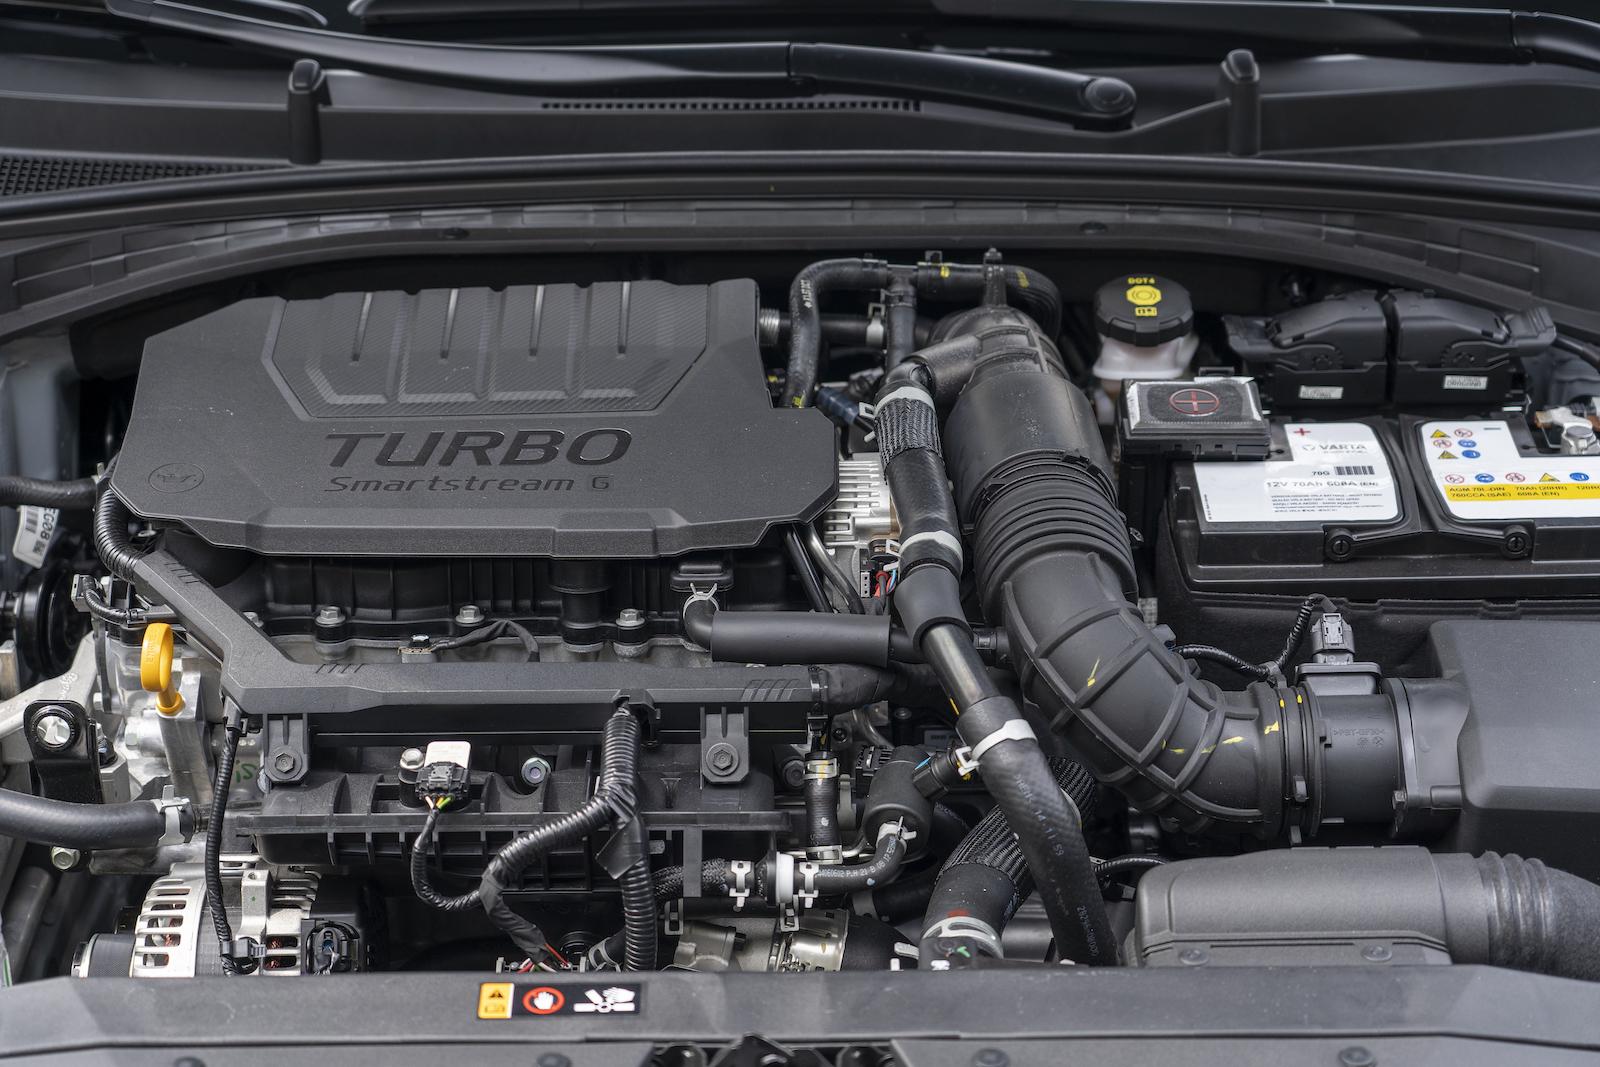 搭載 1.5L Turbo GDi直列四缸渦輪增壓引擎,可供應160ps / 25.8kgm的最大出力。